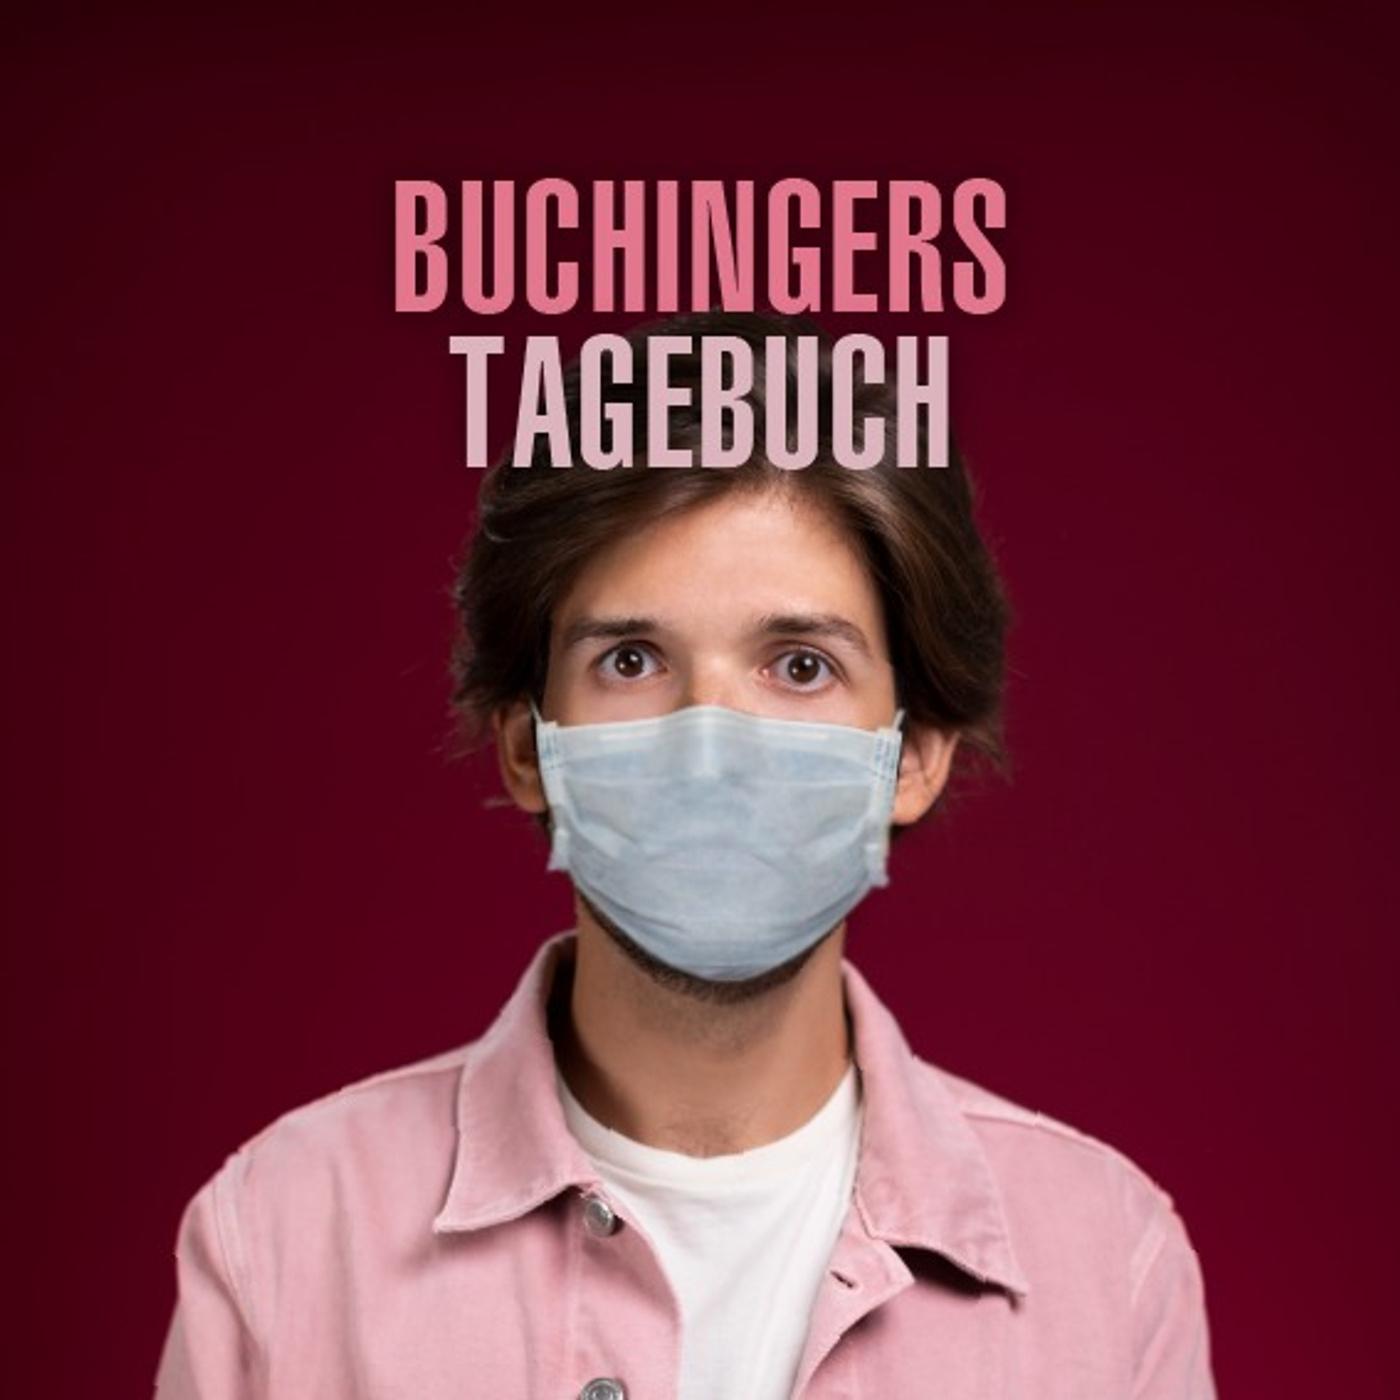 #81 The Marvellous Mrs. Buchinger